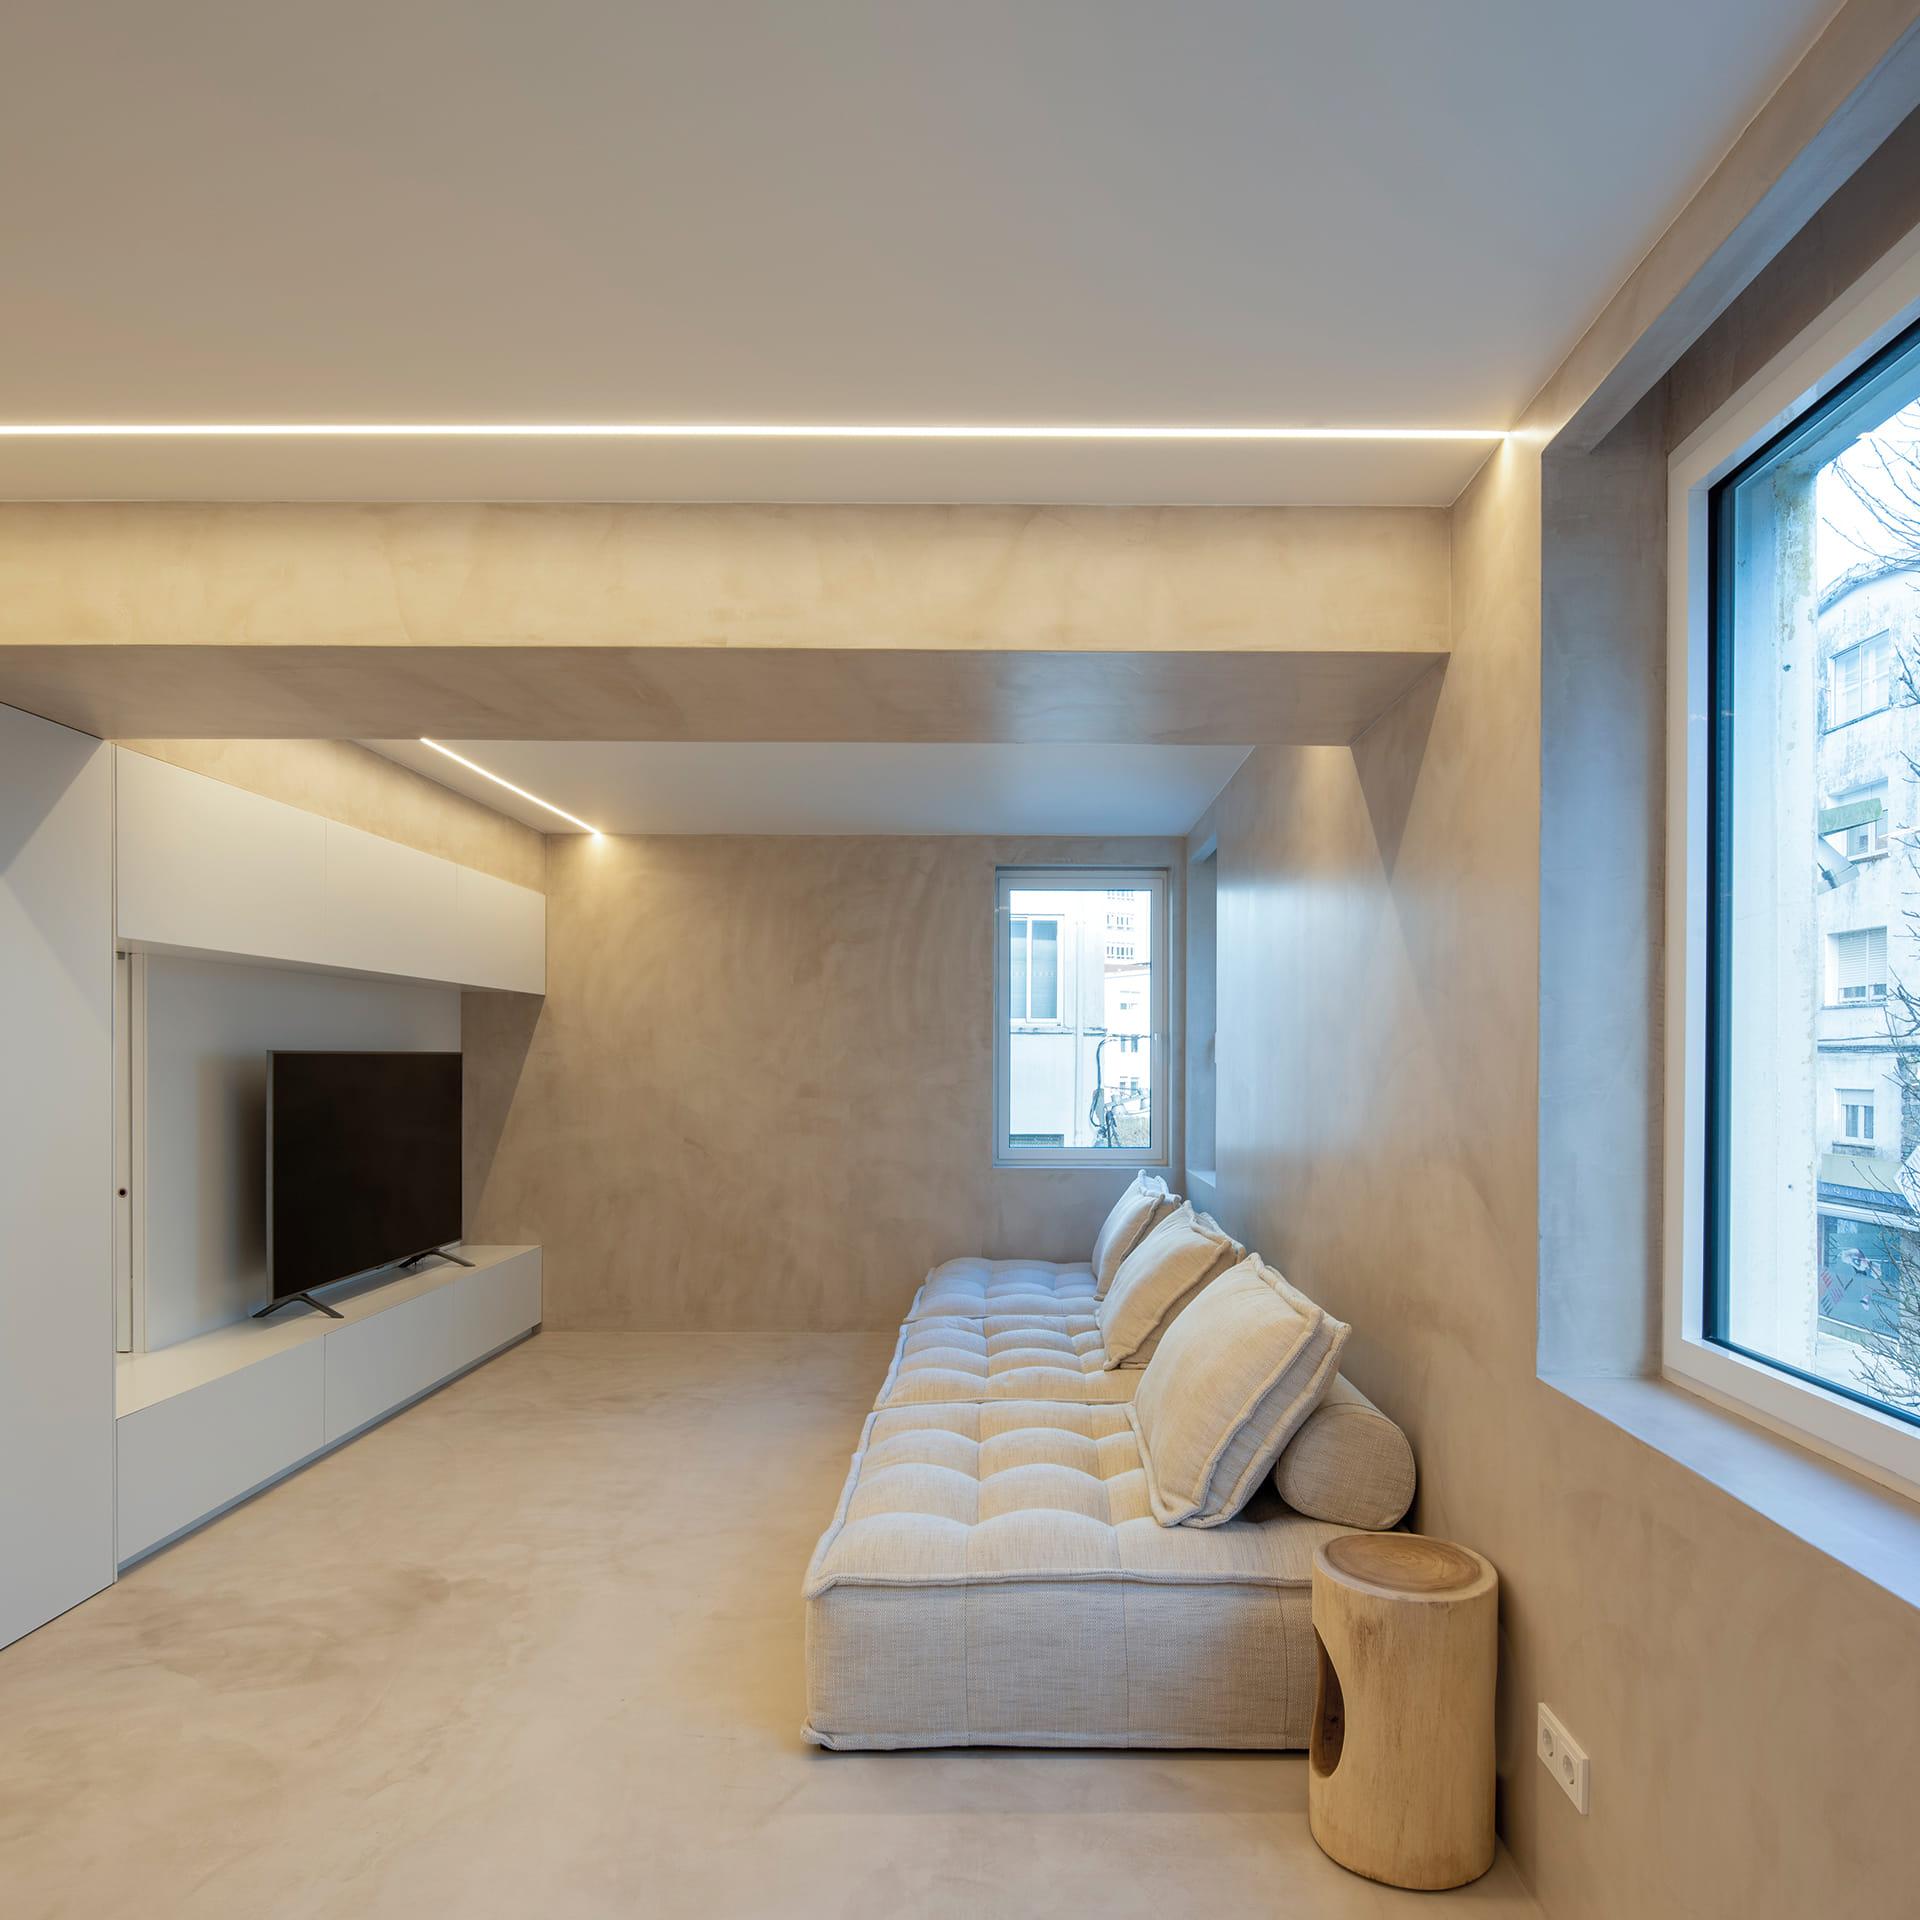 Vivienda con sala de televisión y sofá blanco